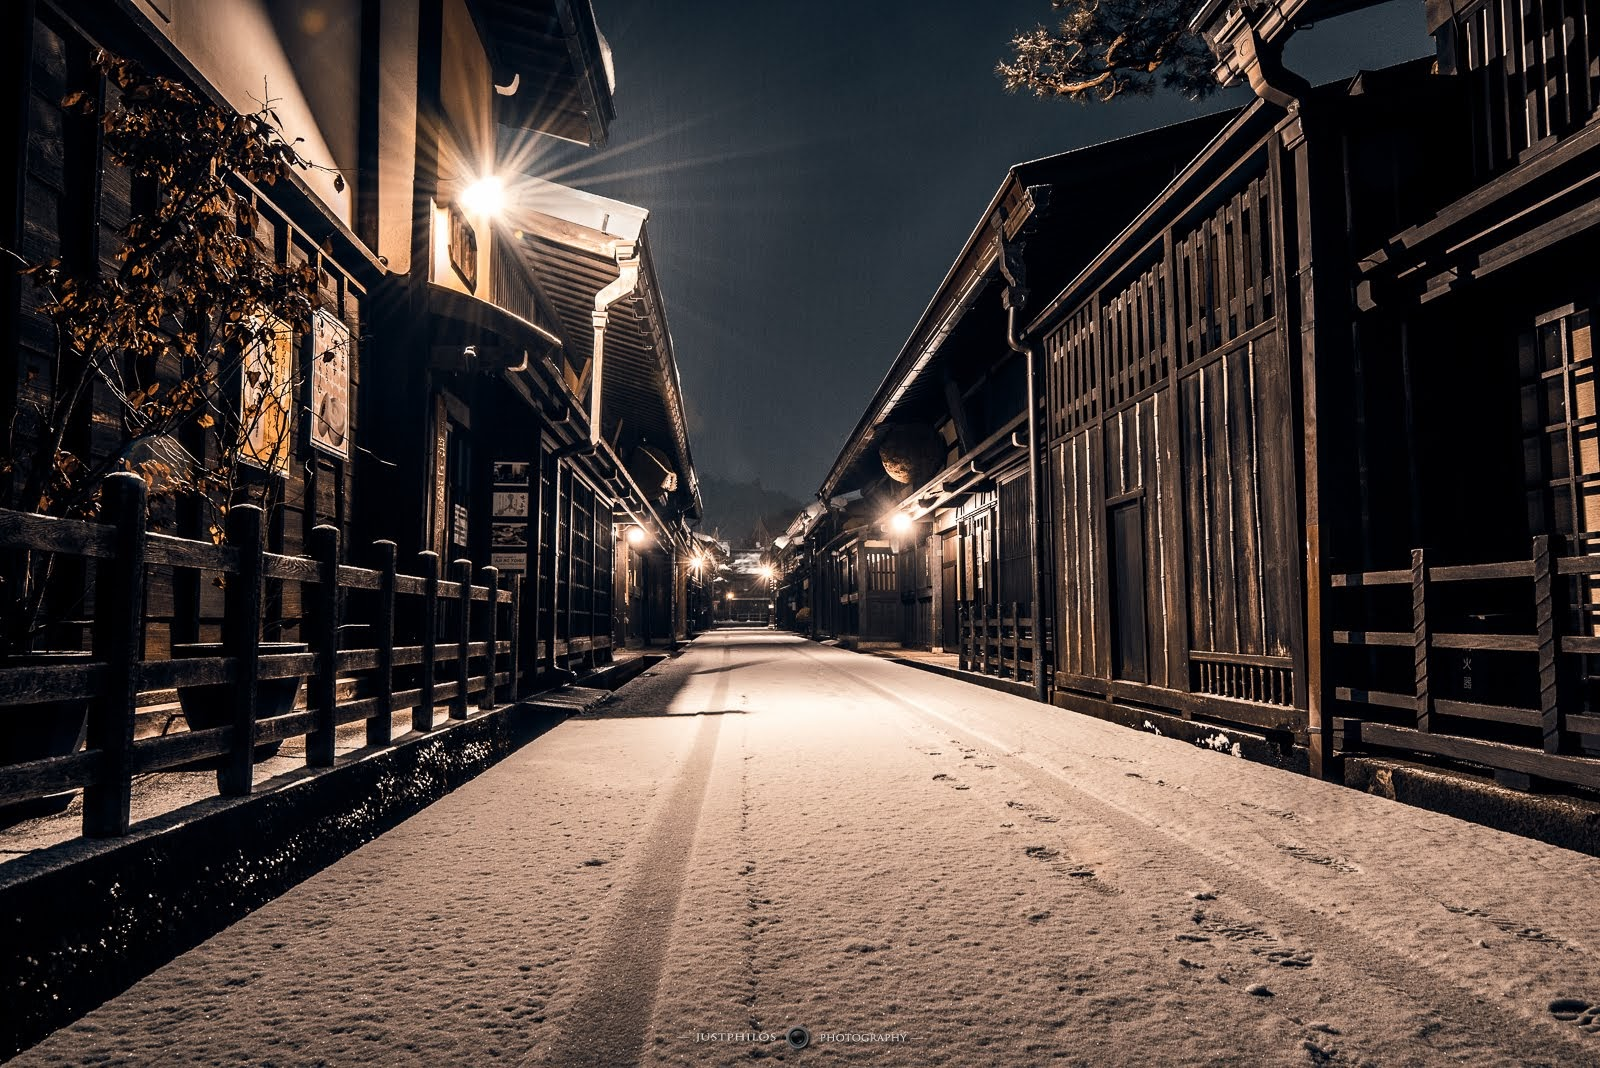 晚上的高山古街呈現一種靜謐感,與白天絡繹不絕的遊客呈現截然不同的景象。